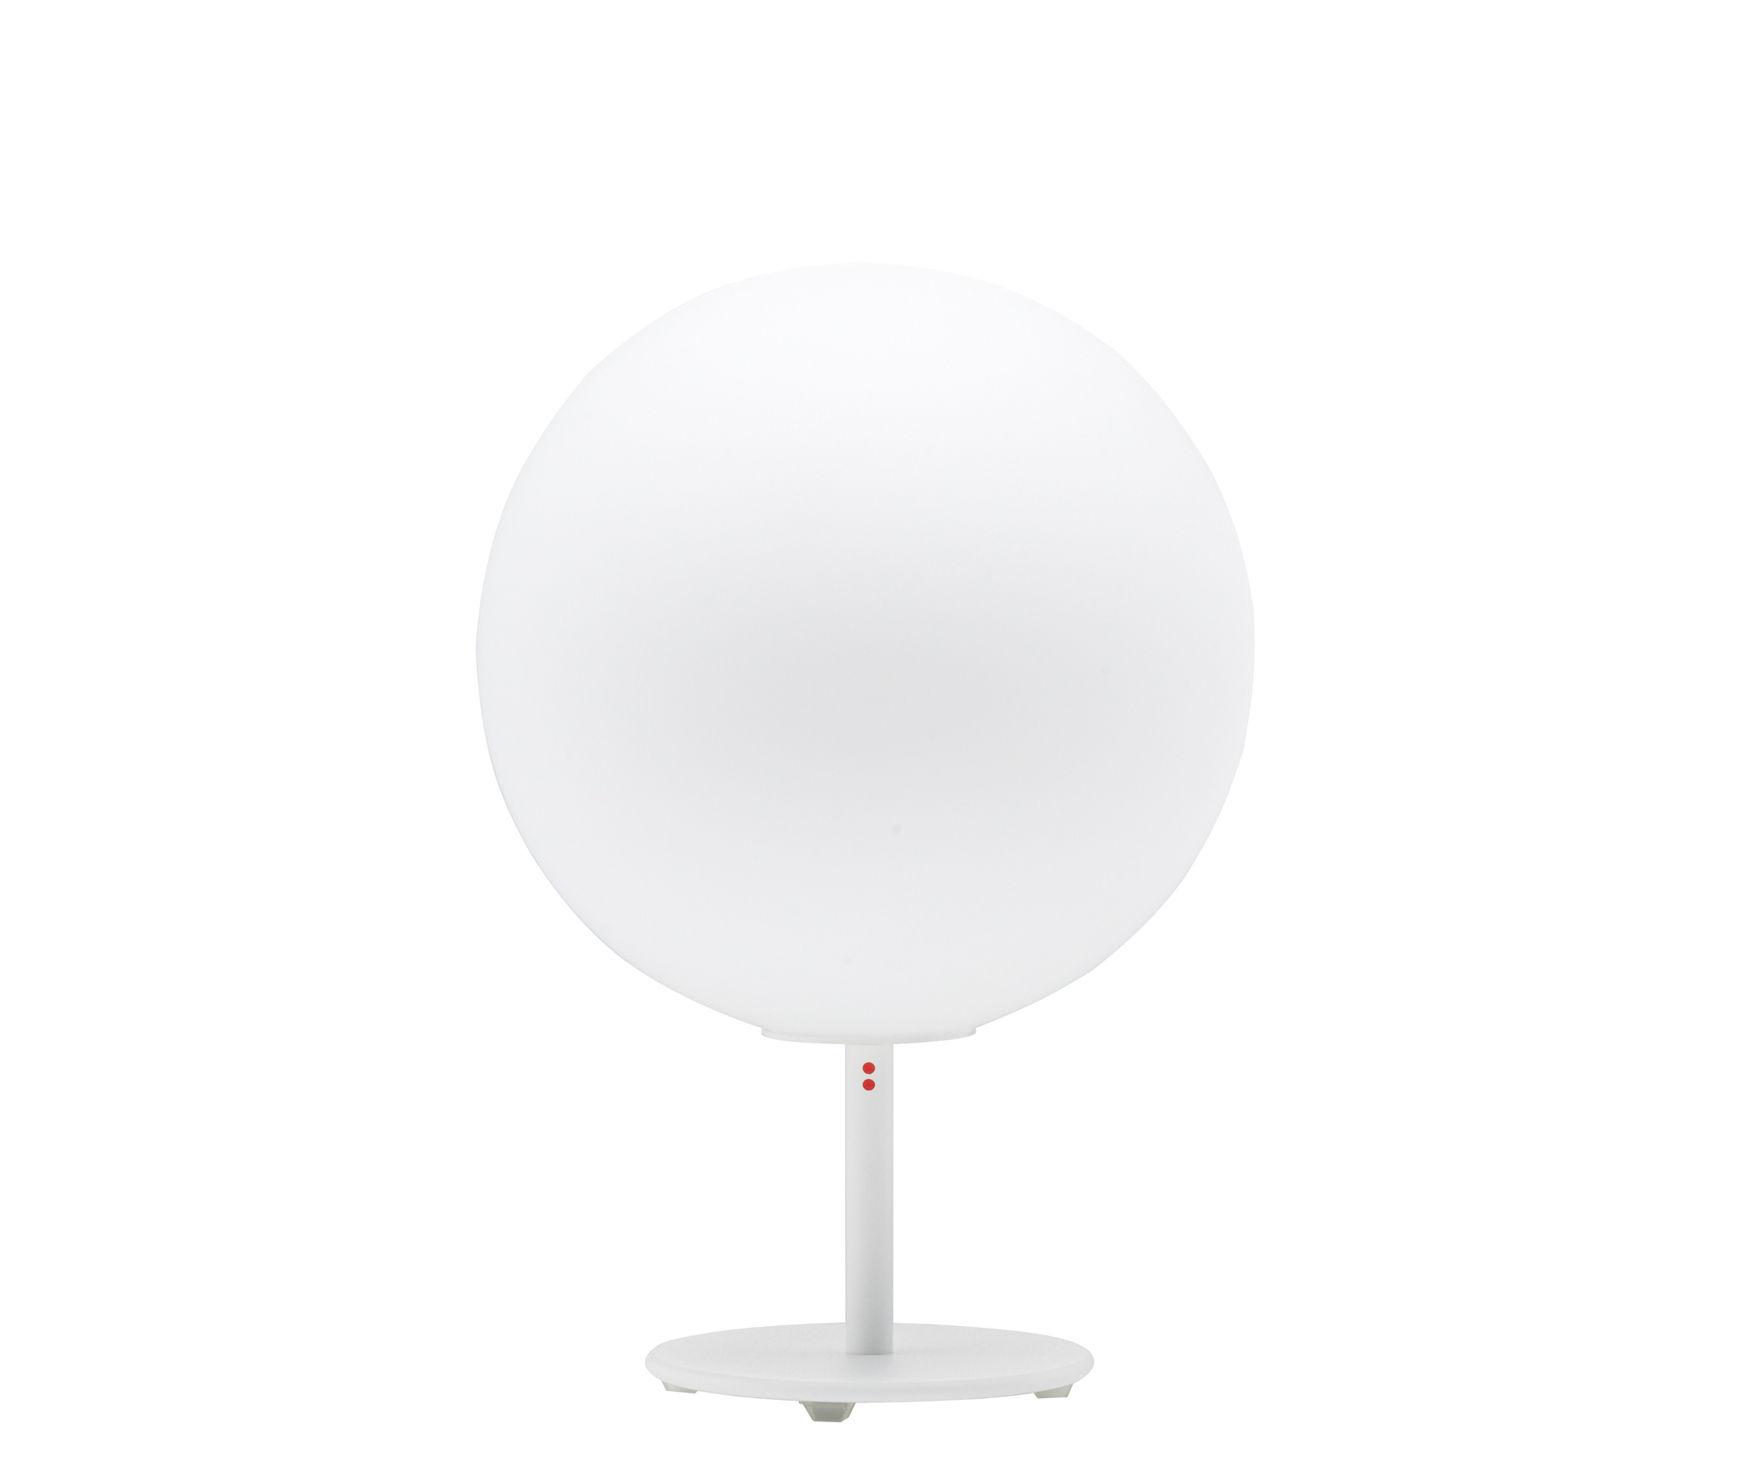 Illuminazione - Lampade da tavolo - Lampada da tavolo Sfera - Ø 14 cm con piede di Fabbian - Bianco - Ø 14 cm - Piede - Vetro